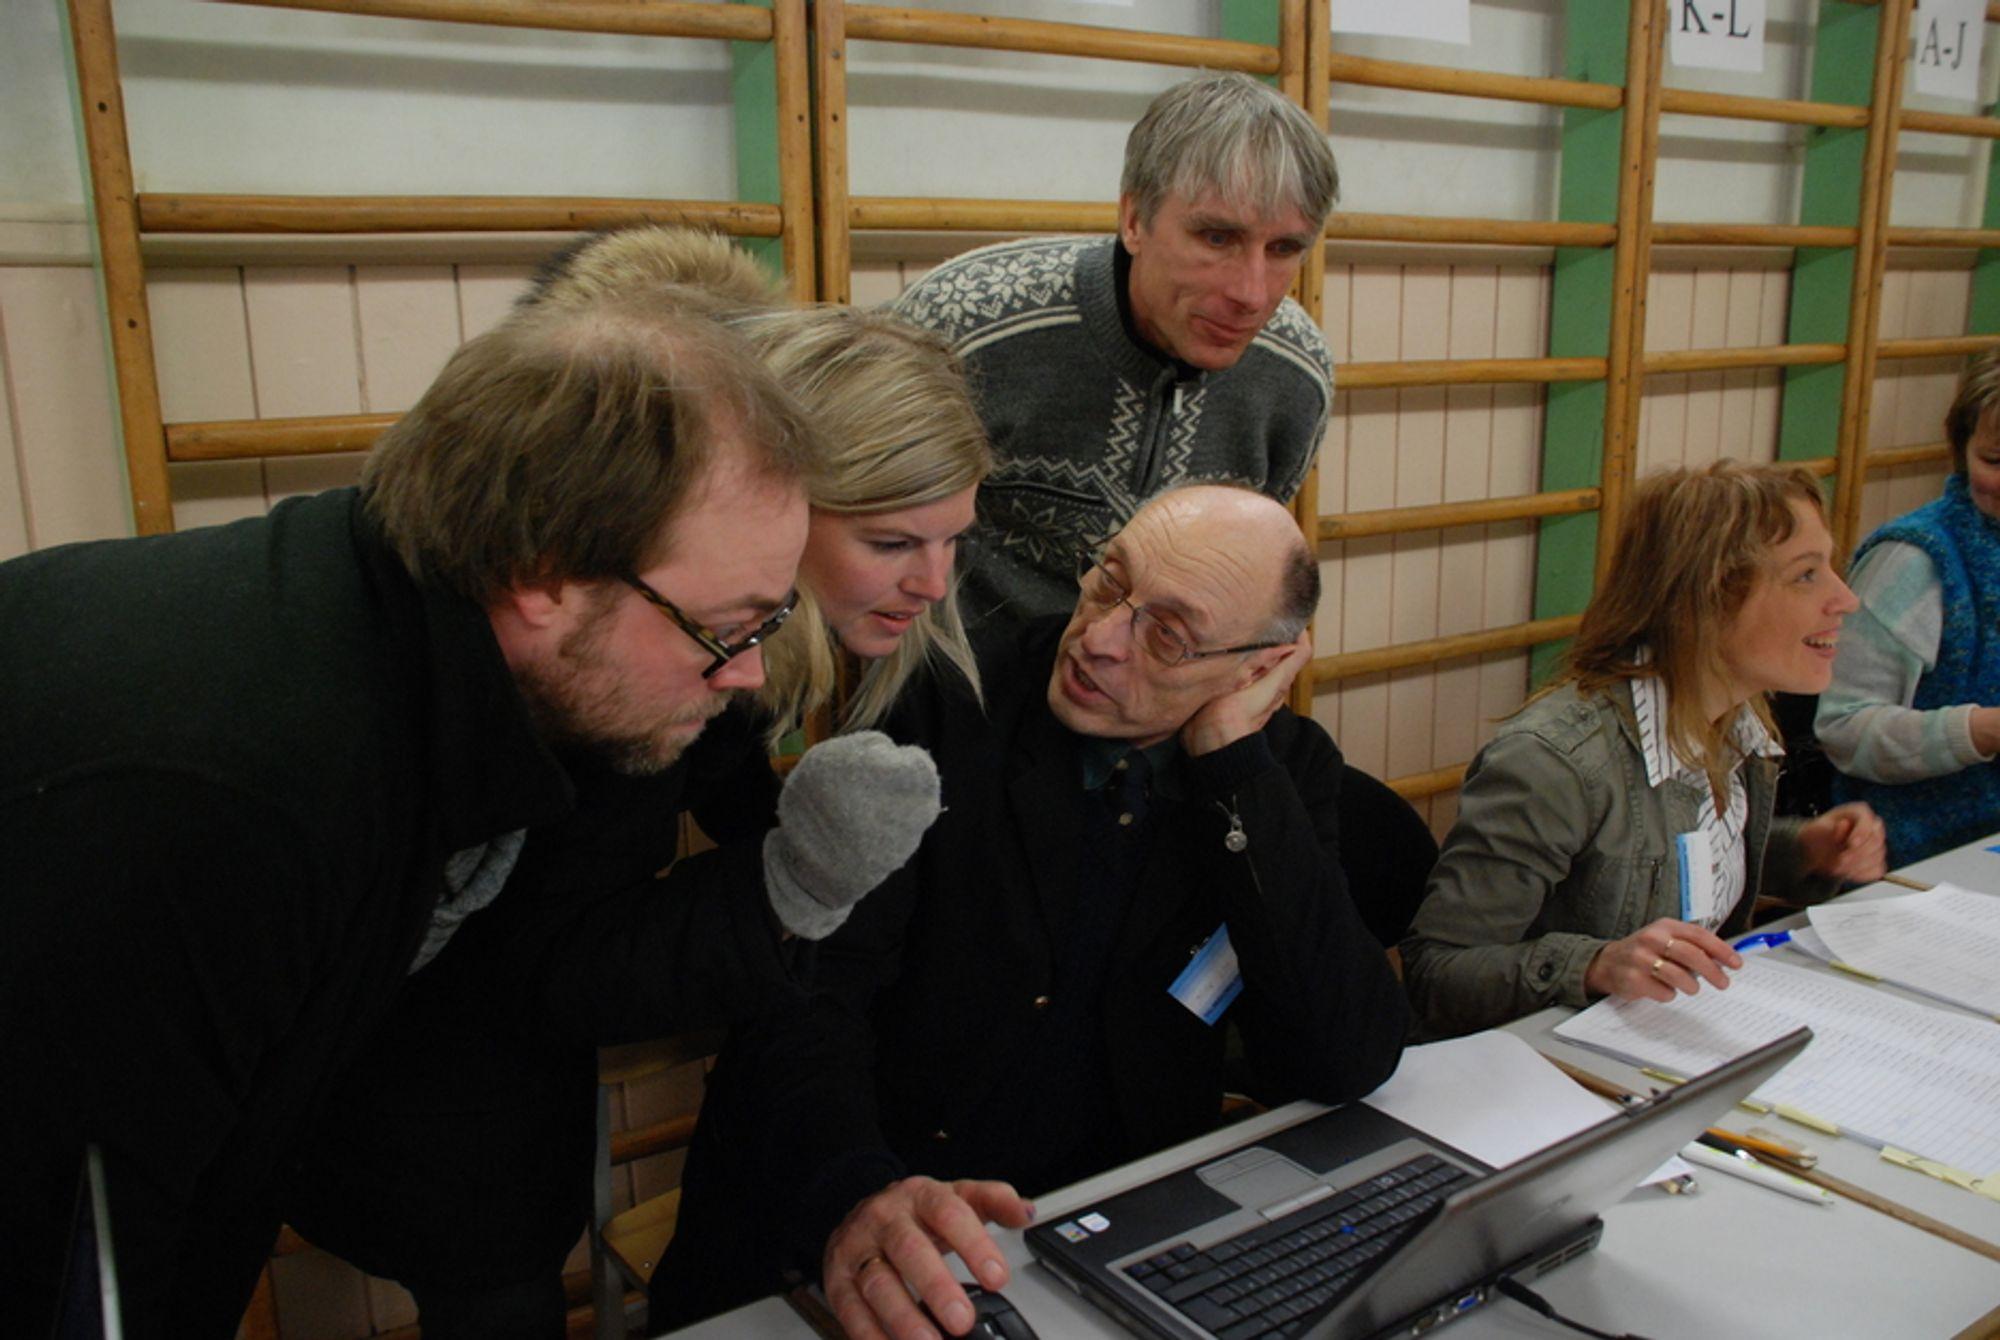 OBSERVERER: Valgfunksjonær Jaak Loo viser delegasjonen fra E-valg 2011-prosjektet det elektroniske systemet esterne bruker under parlamentsvalget. F.v.: Christian Bull, Ida Stenerud og Henrik Nore.